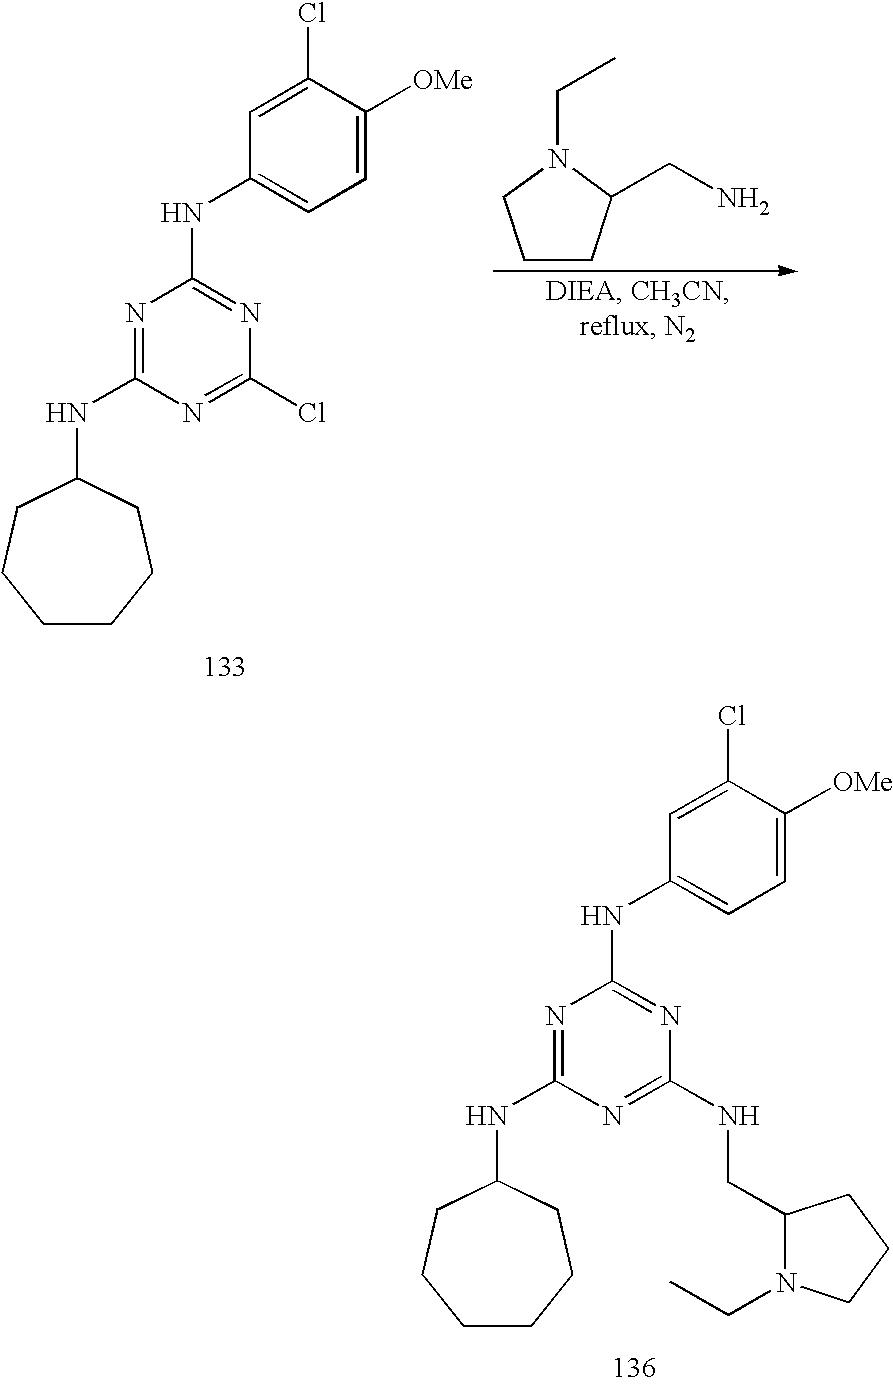 Figure US20050113341A1-20050526-C00161